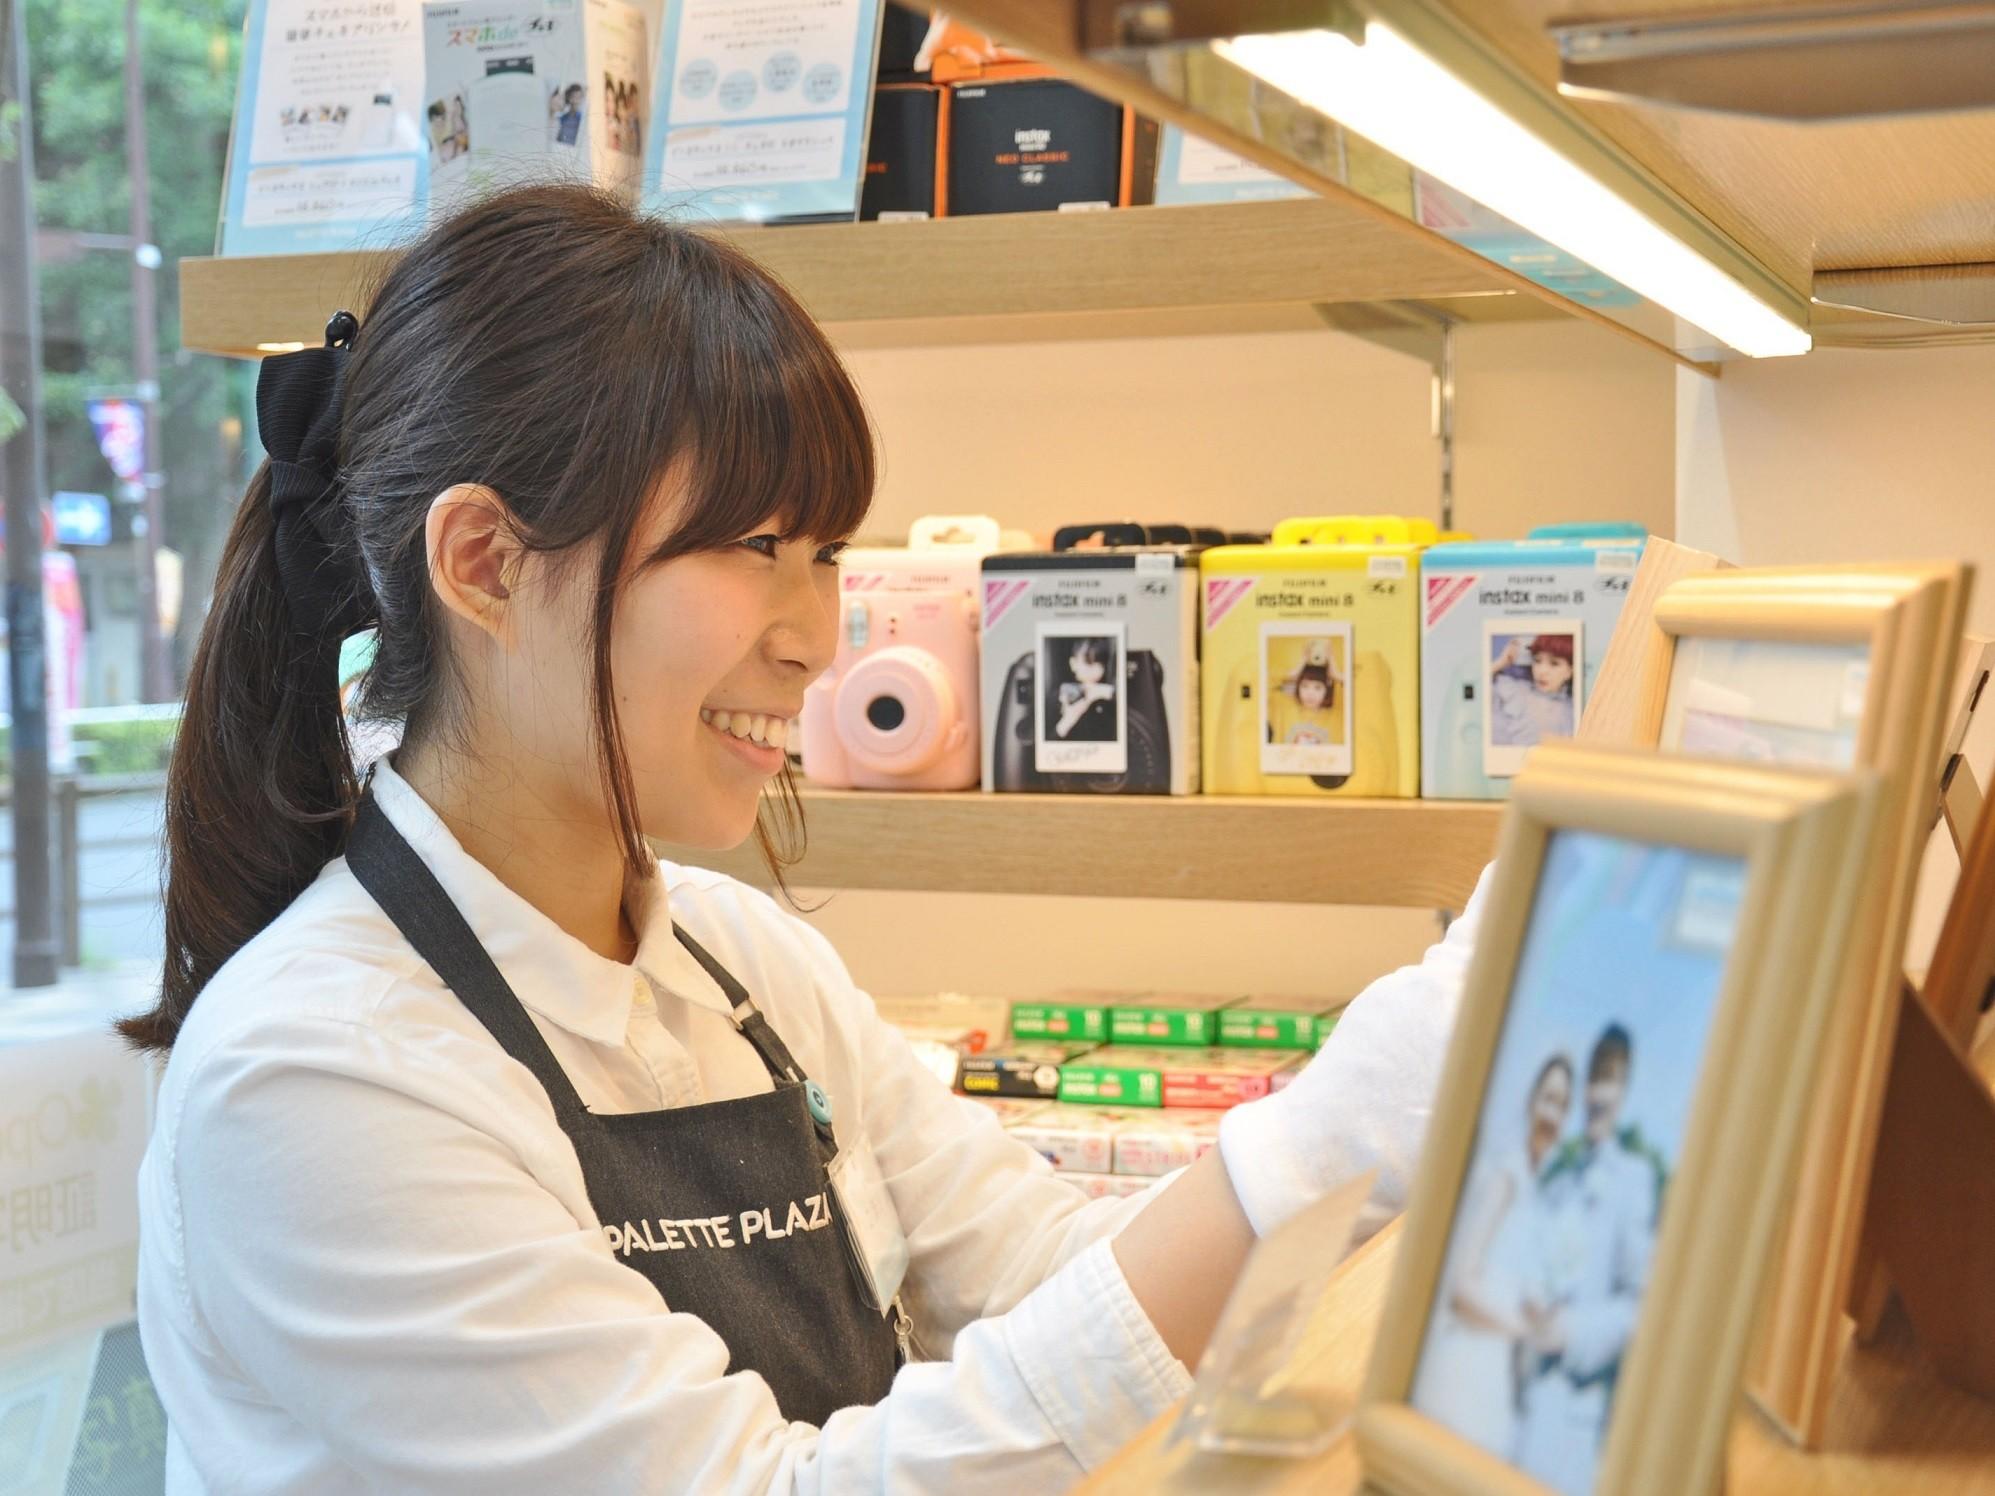 パレットプラザ イオン新浦安店 のアルバイト情報